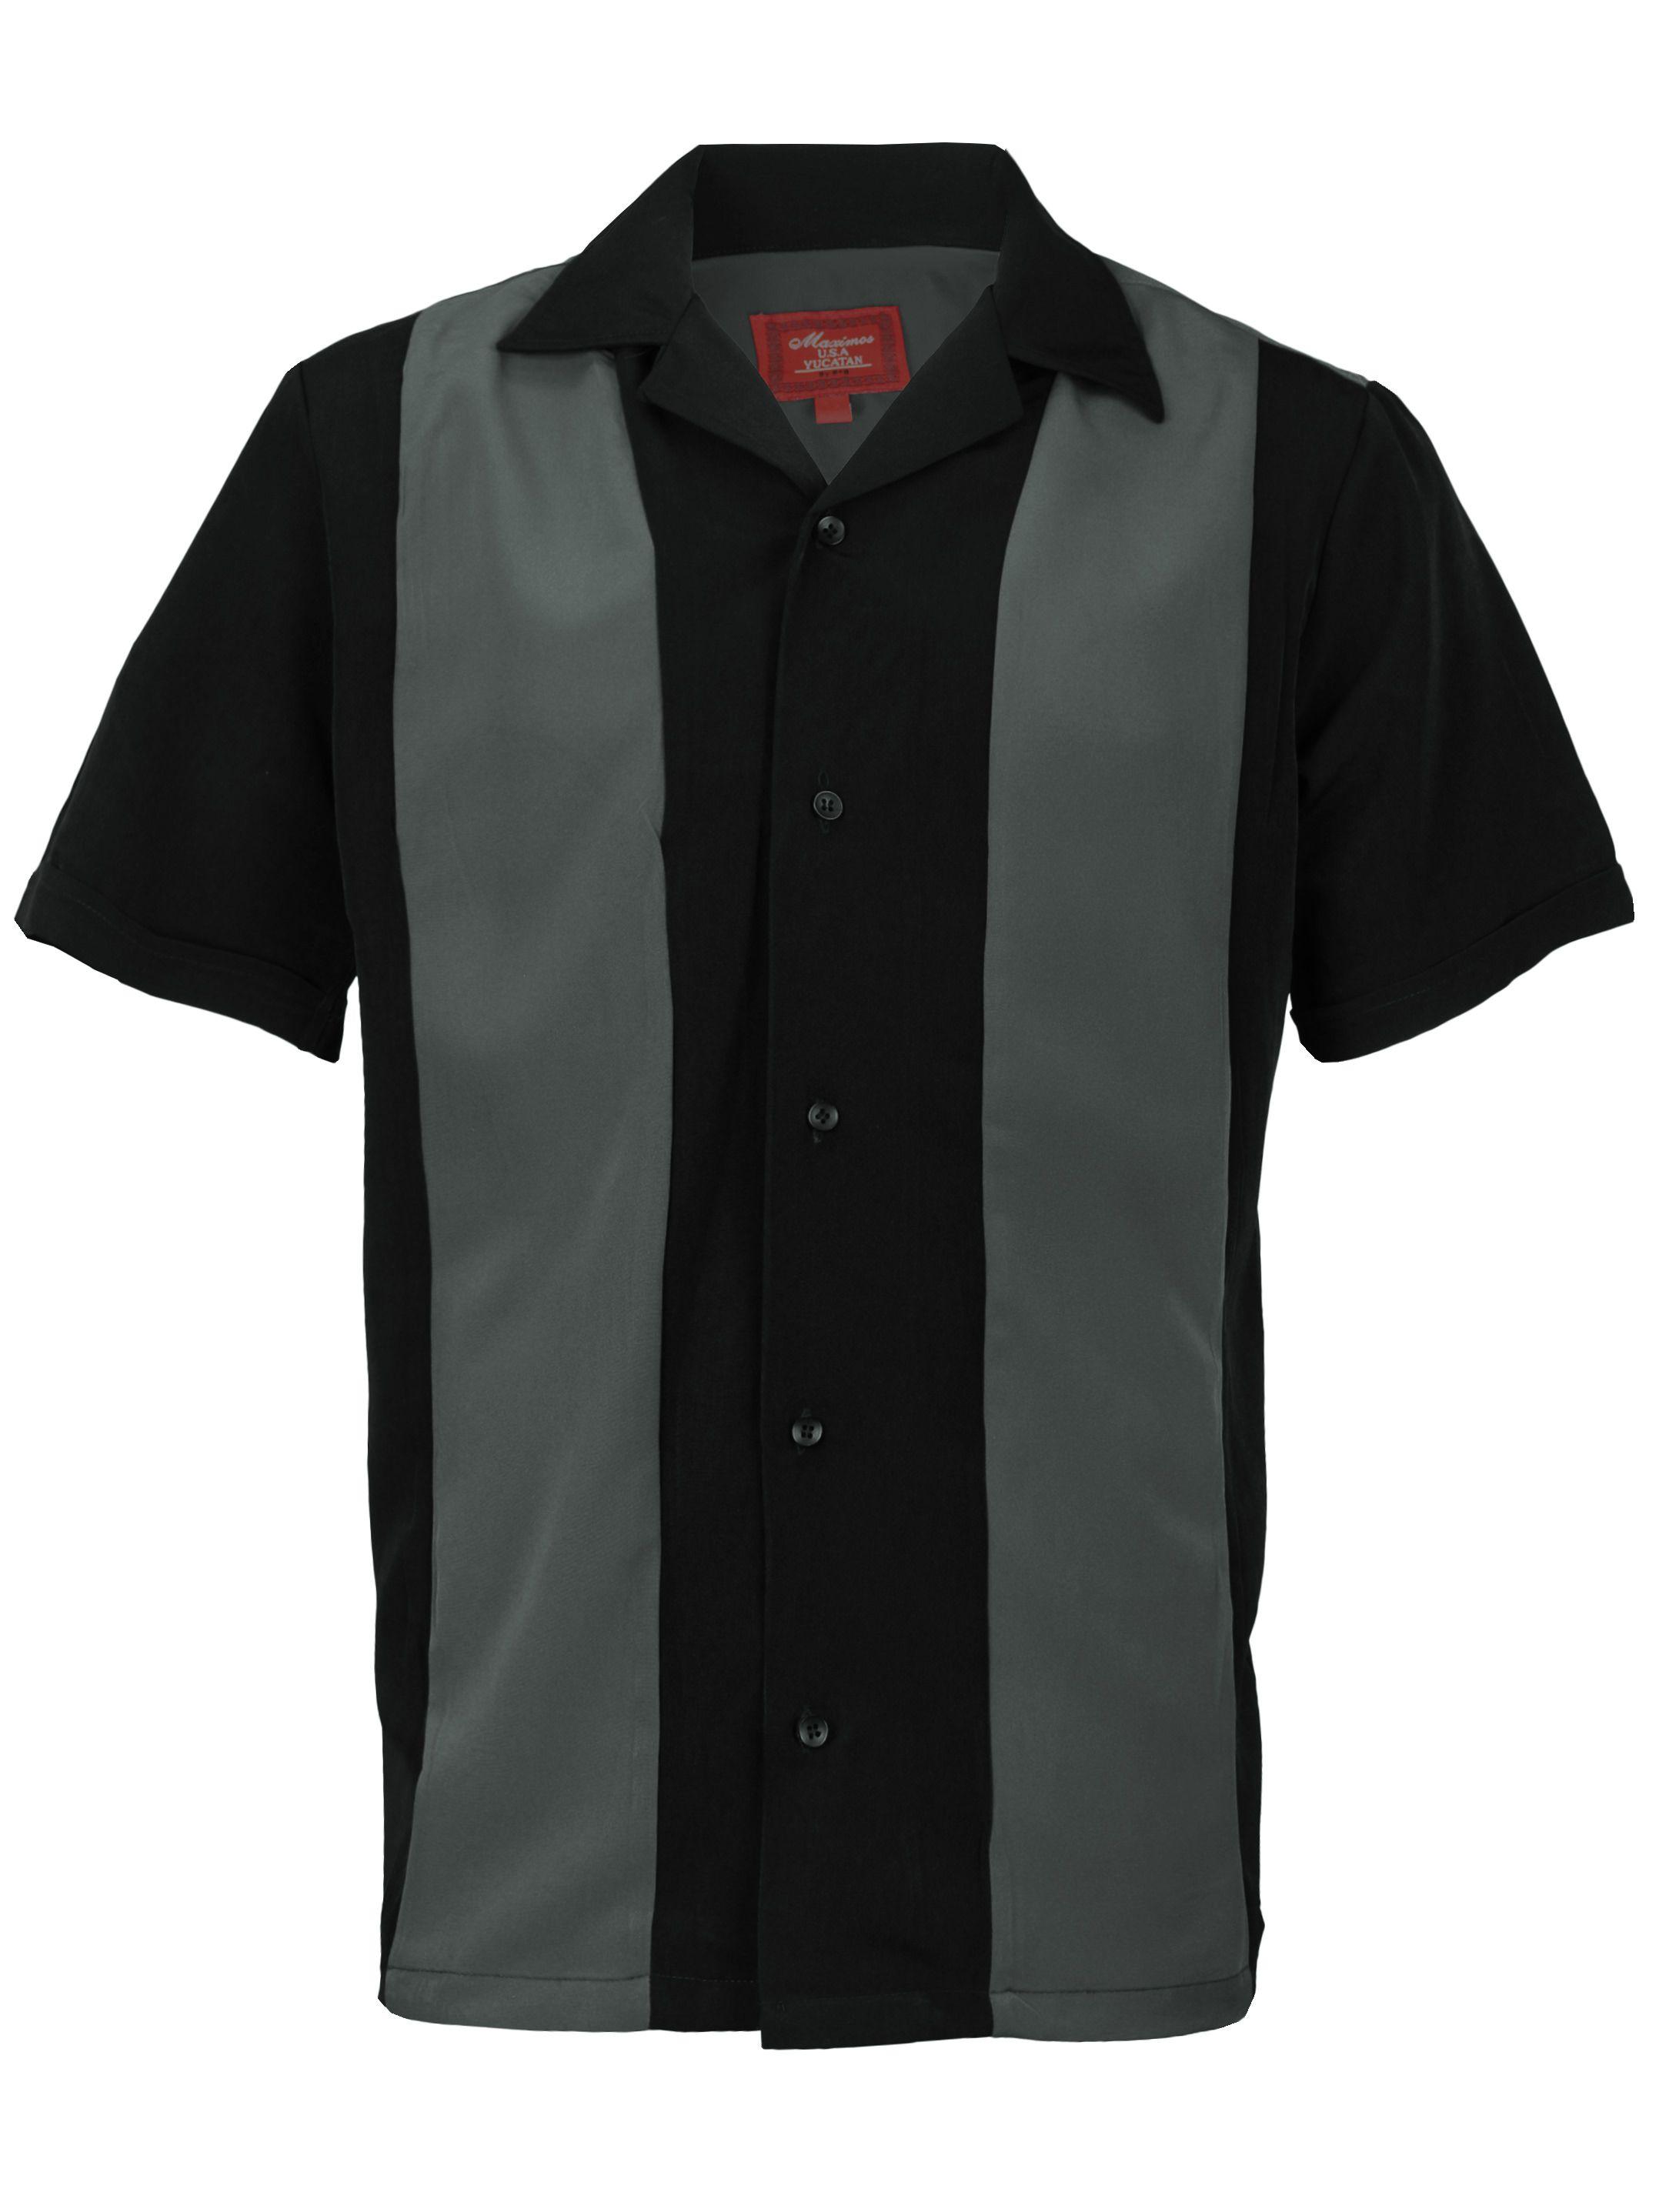 Men S Retro Charlie Sheen Two Tone Guayabera Bowling Shirt Walmart Com In 2021 Shirt Dress Casual Bowling Shirts Mens Clothing Styles [ 2875 x 2156 Pixel ]